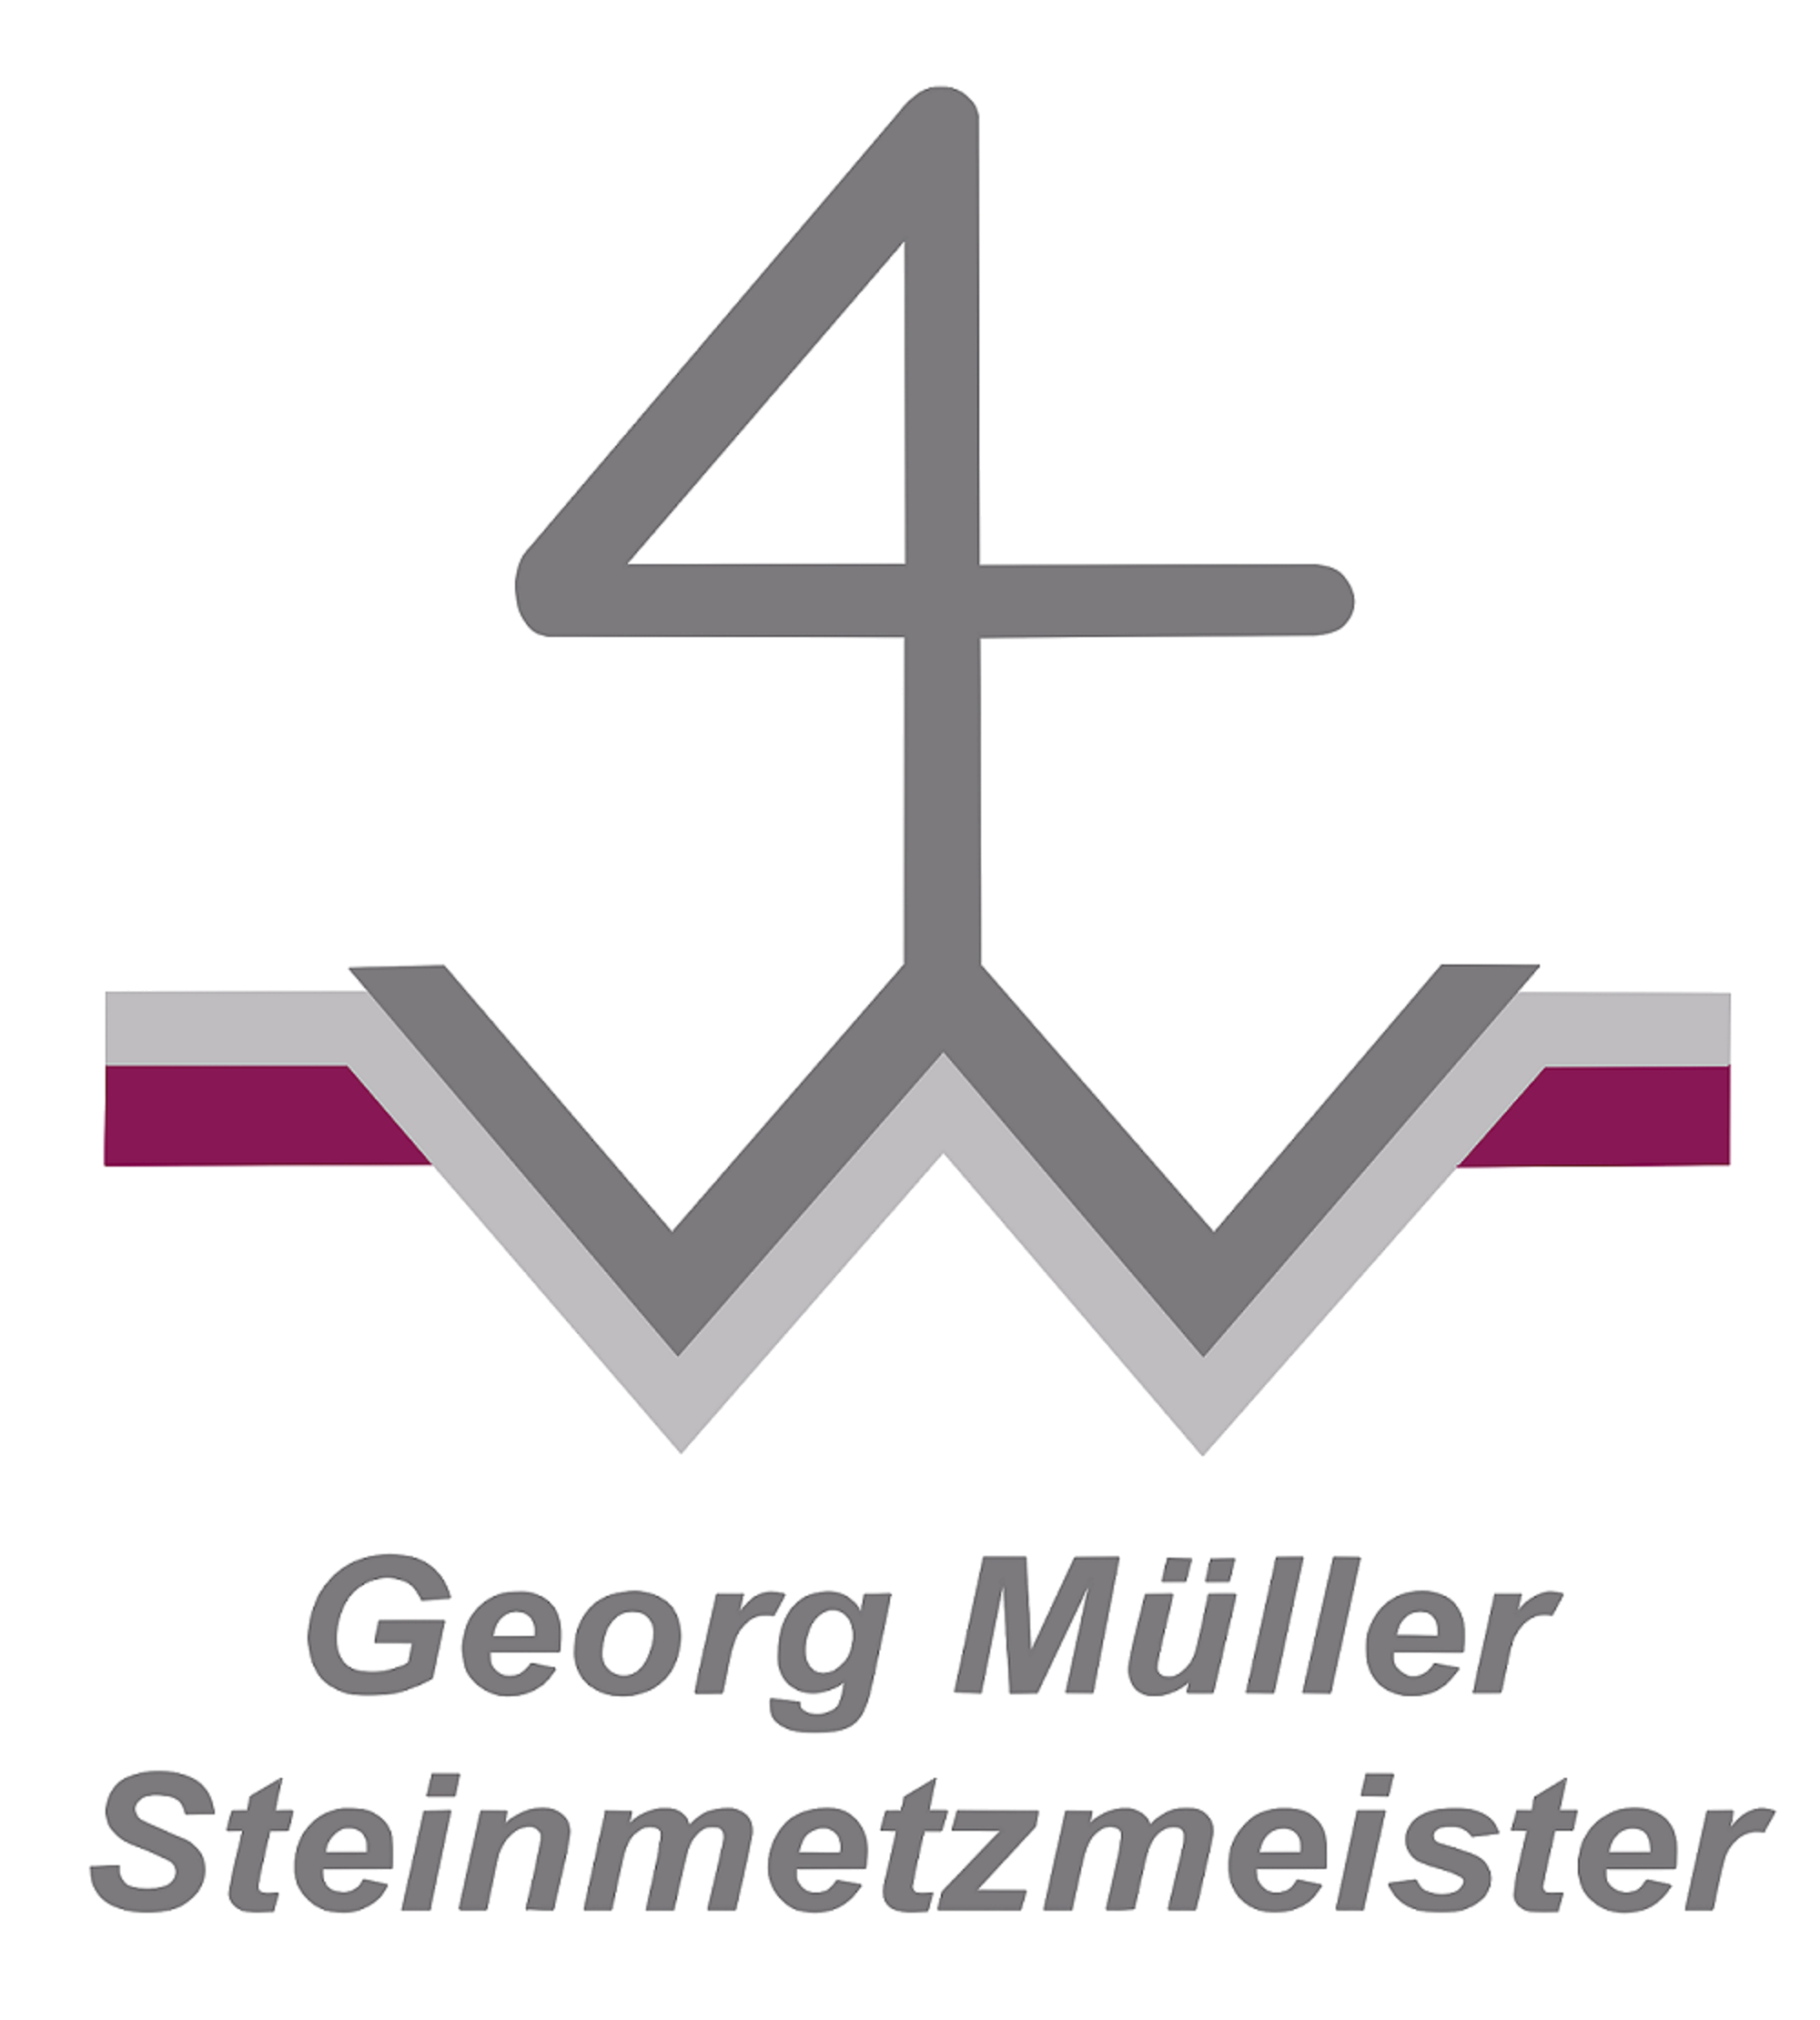 Georg Müller Steinmetzmeister